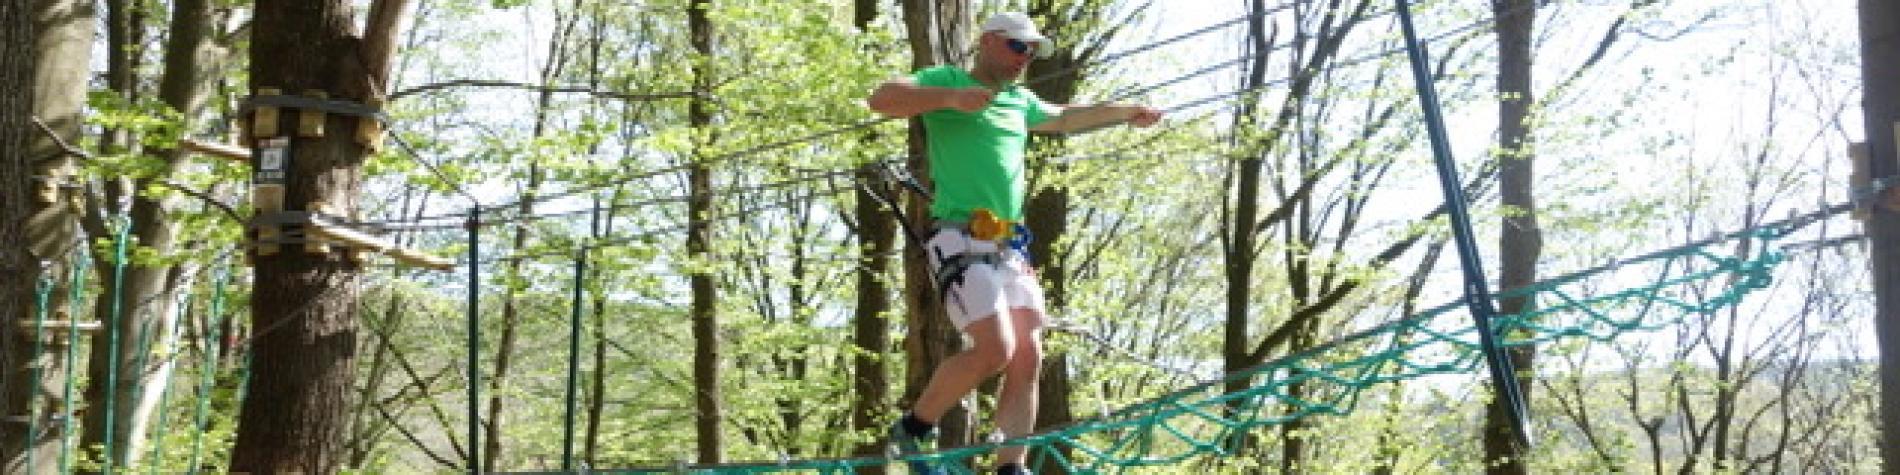 Accrobranche- Ardenne aventures - Nature - Activités - Sport